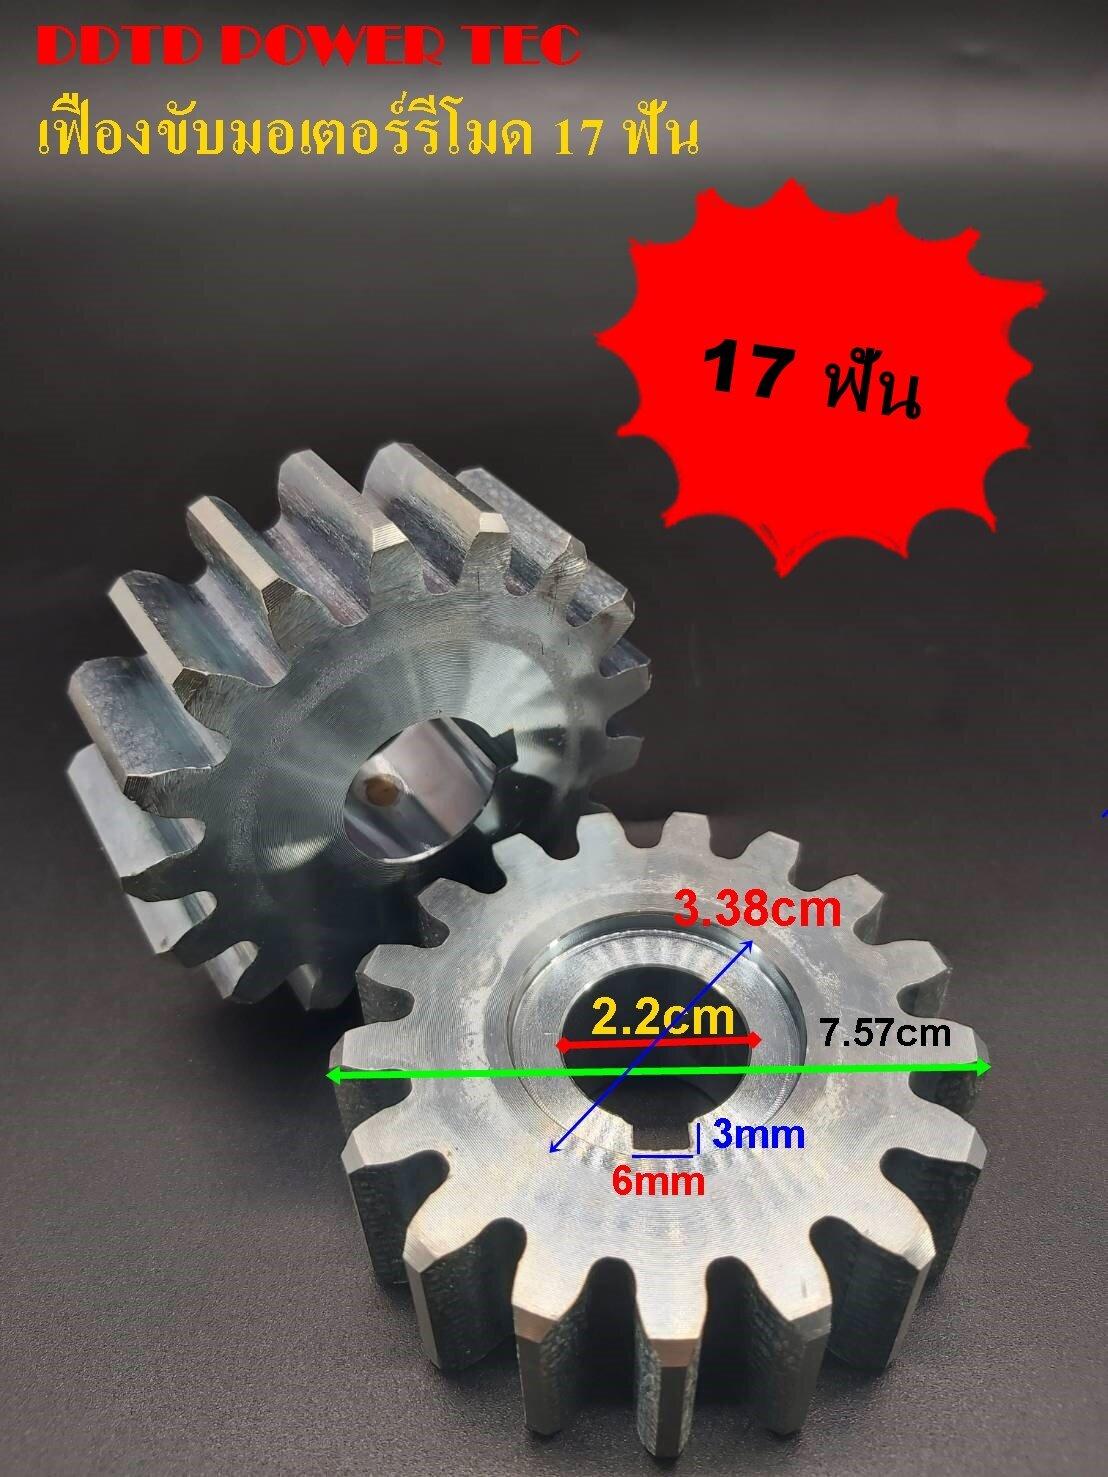 เฟืองขับมอเตอร์ประตูรีโมด 17 ฟัน หนา 2.66 cm